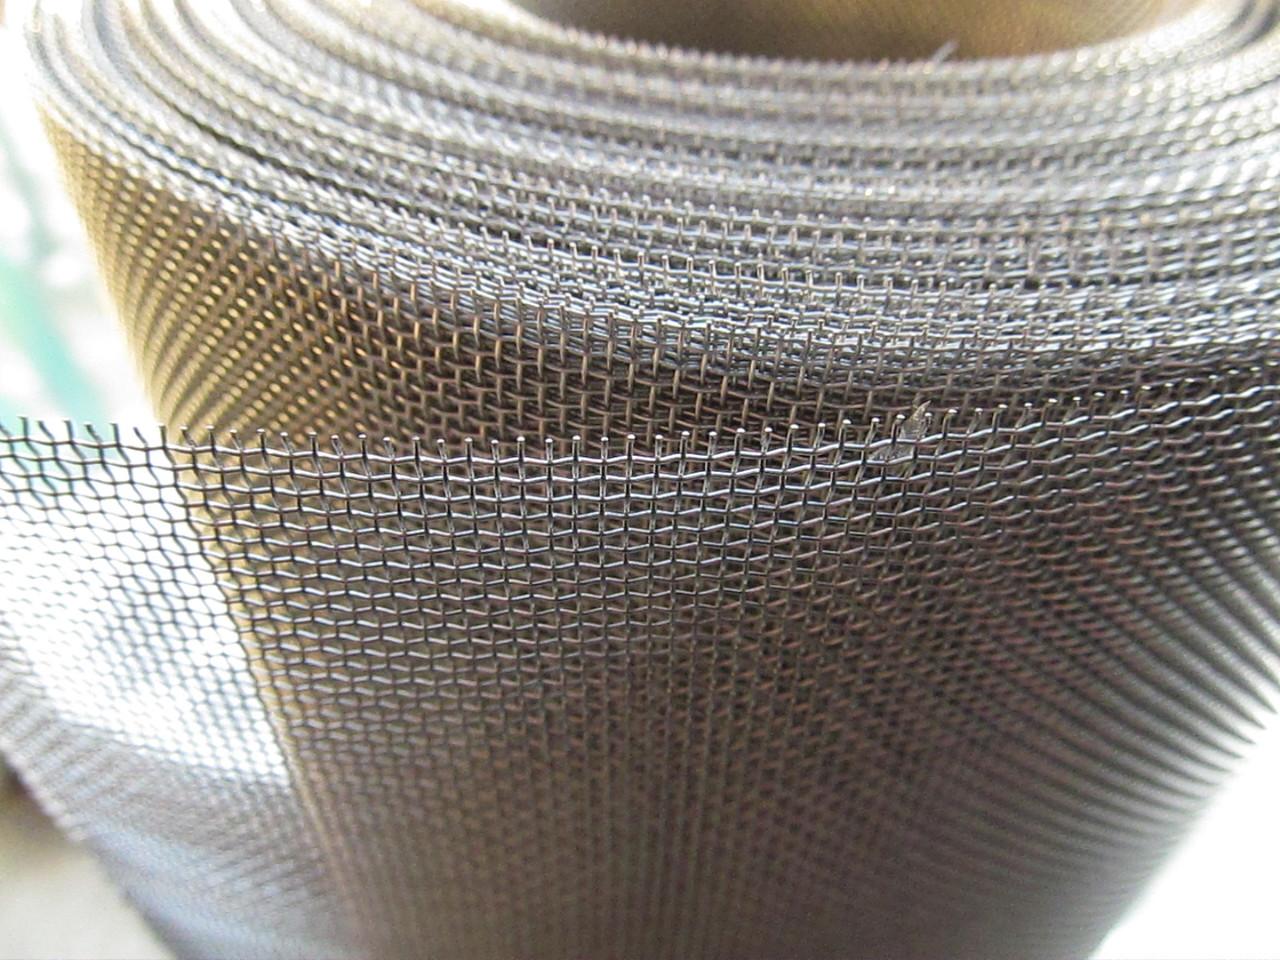 Сетка тканая из нержавеющей проволоки. Ячейка: 1,2мм, Проволока: 0,32мм, Ширина 1м.